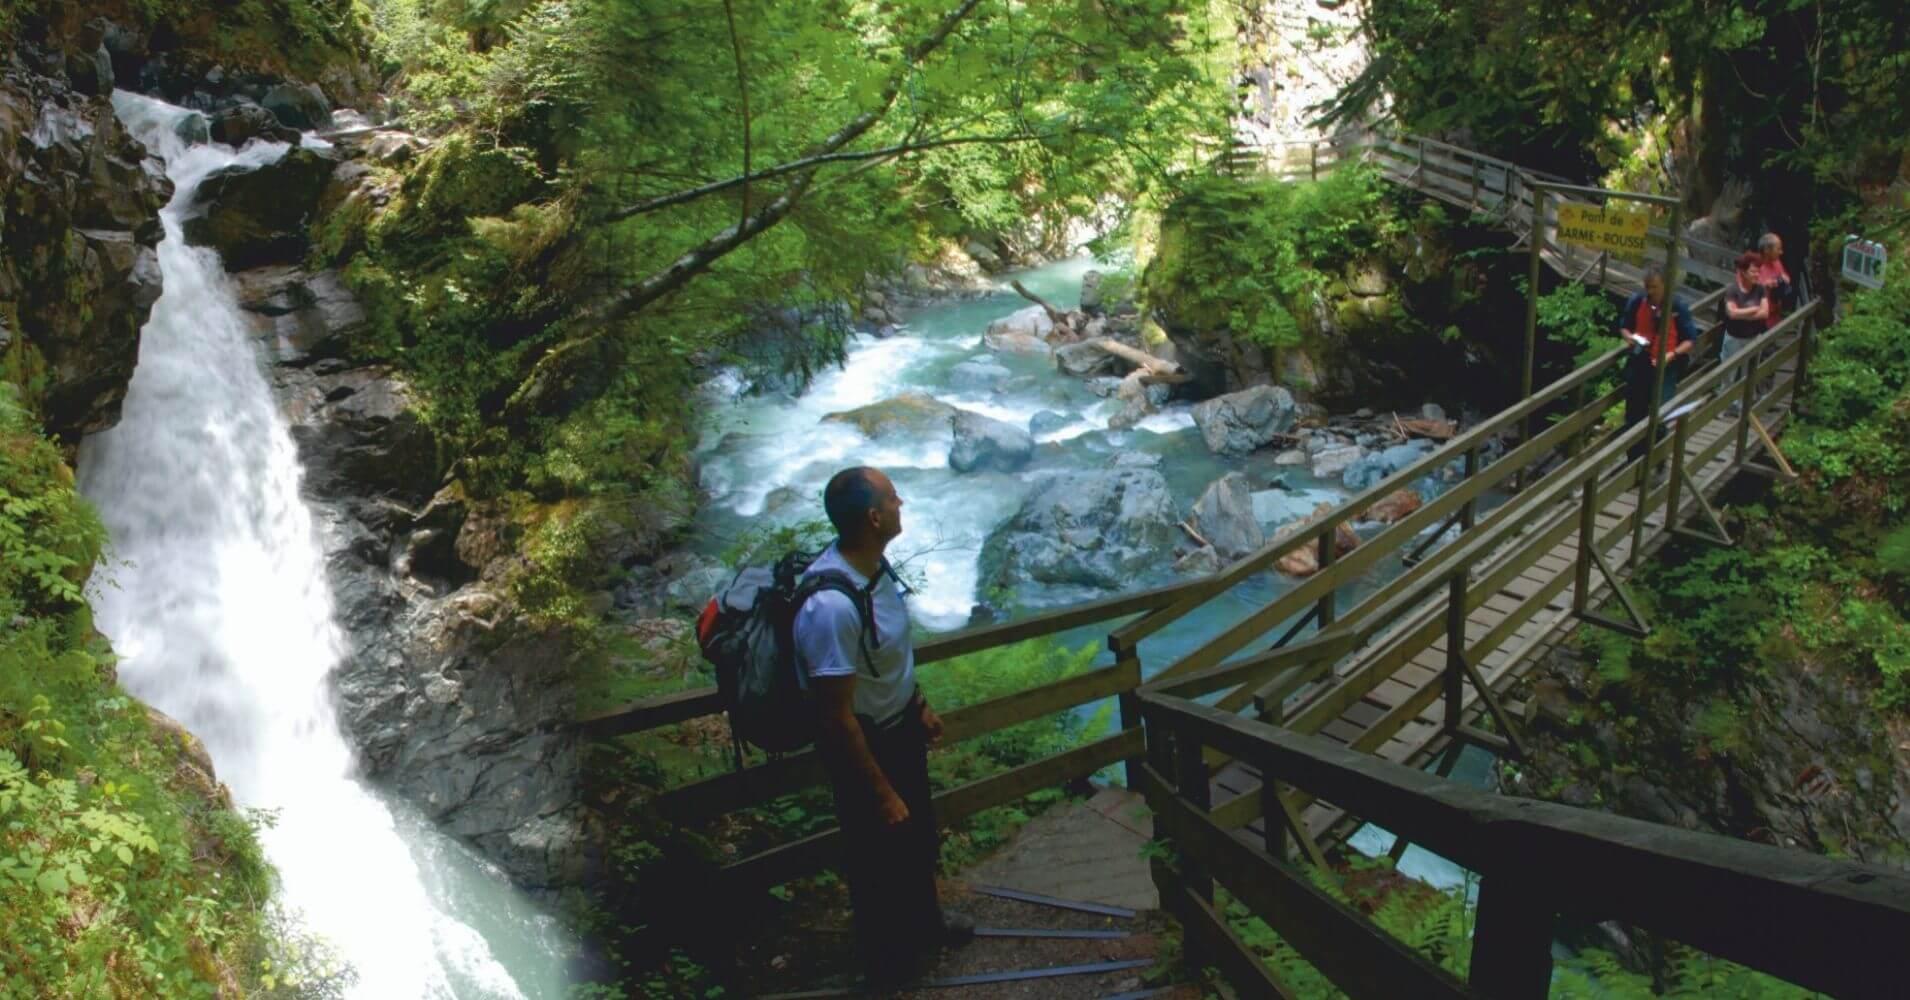 Pasarelas y Cascadas Gorges de la Diosaz. Alta Saboya. Auvernia-Ródano-Alpes. Francia.